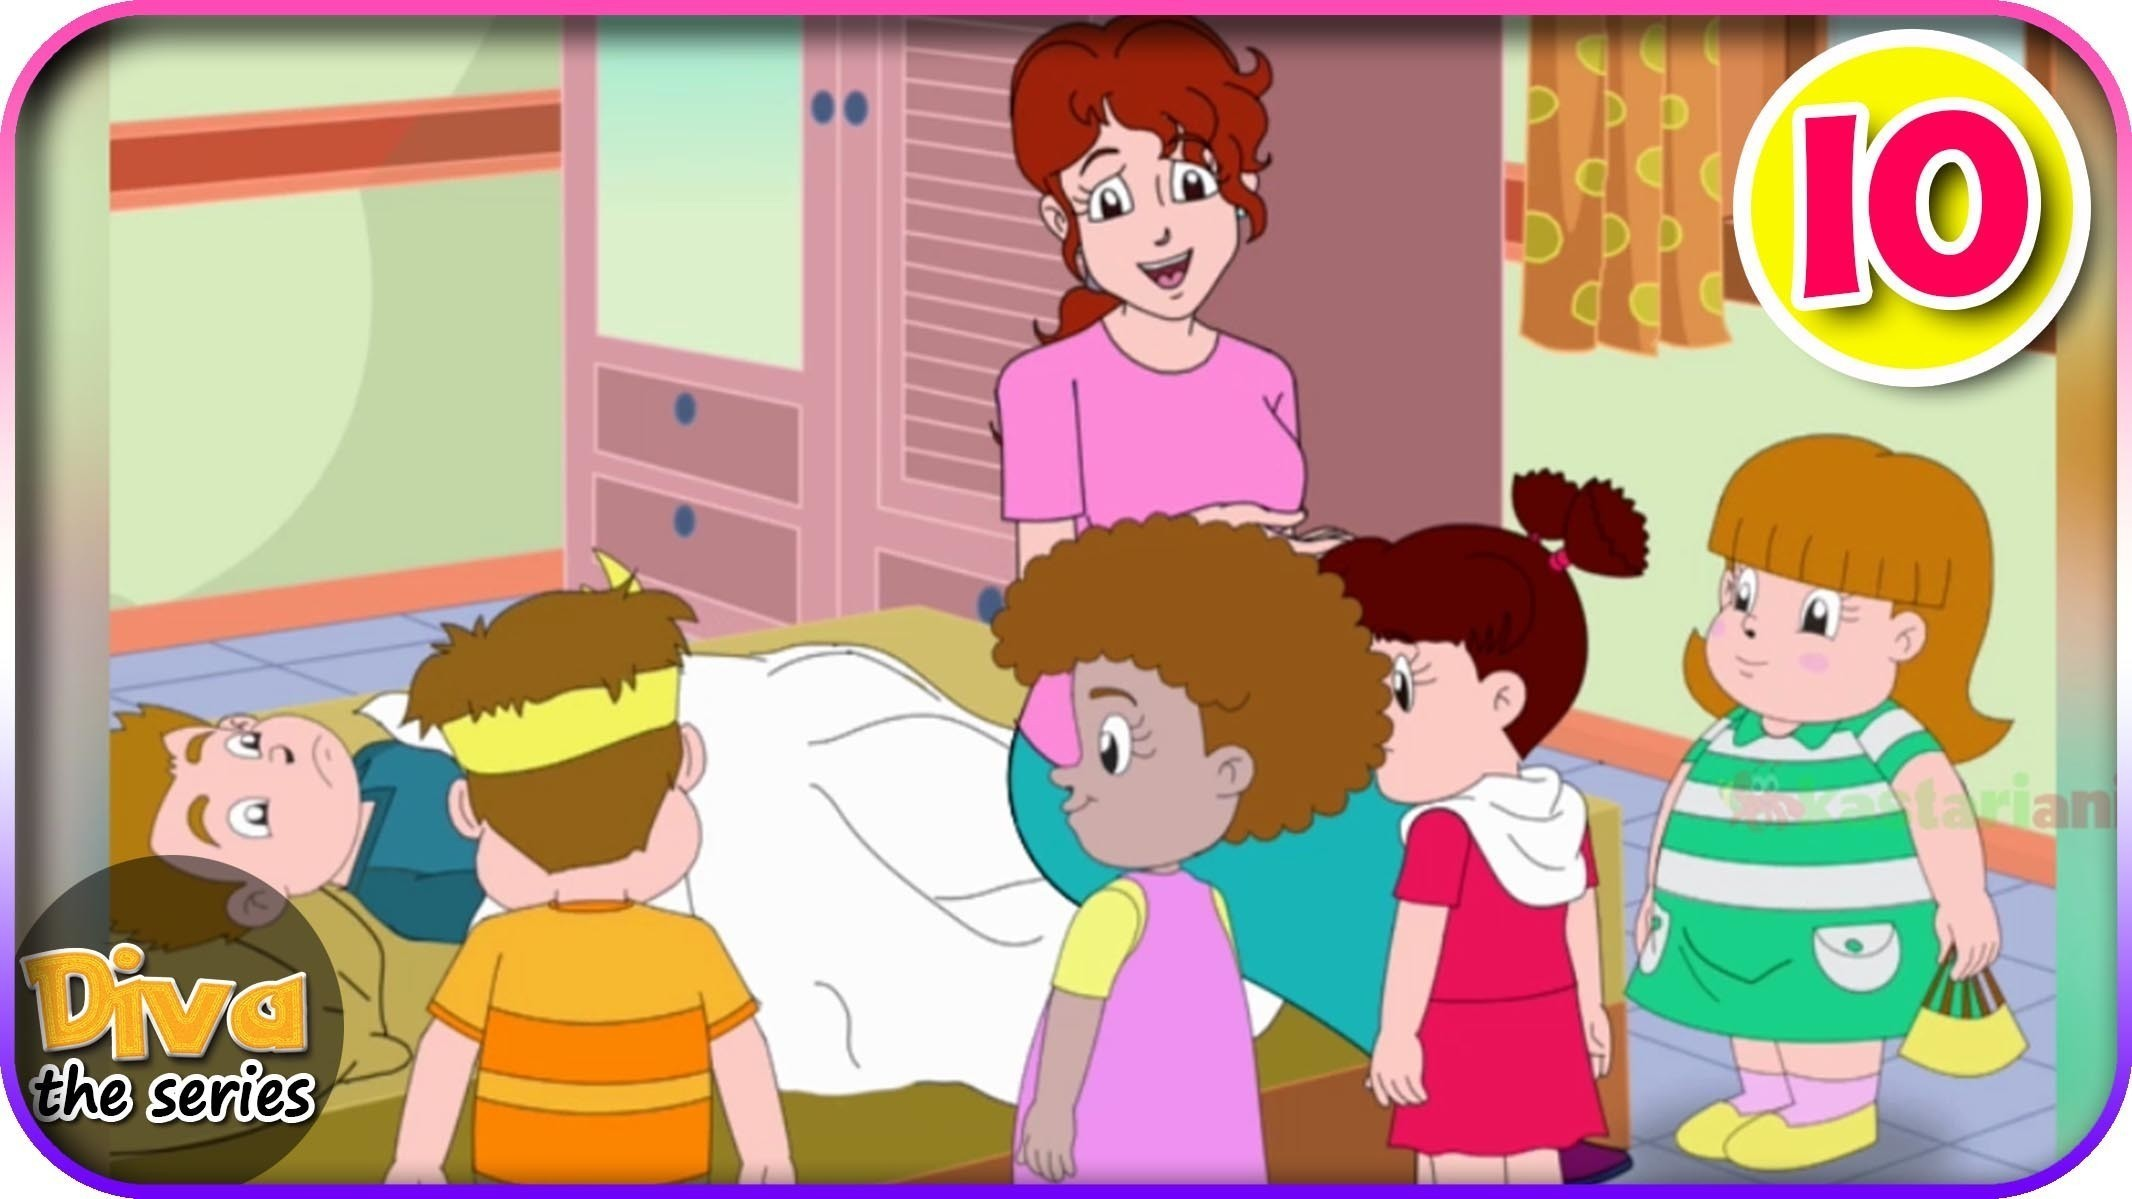 970+ Gambar Kartun Anak Menjenguk Teman Yang Sakit Gratis Terbaru